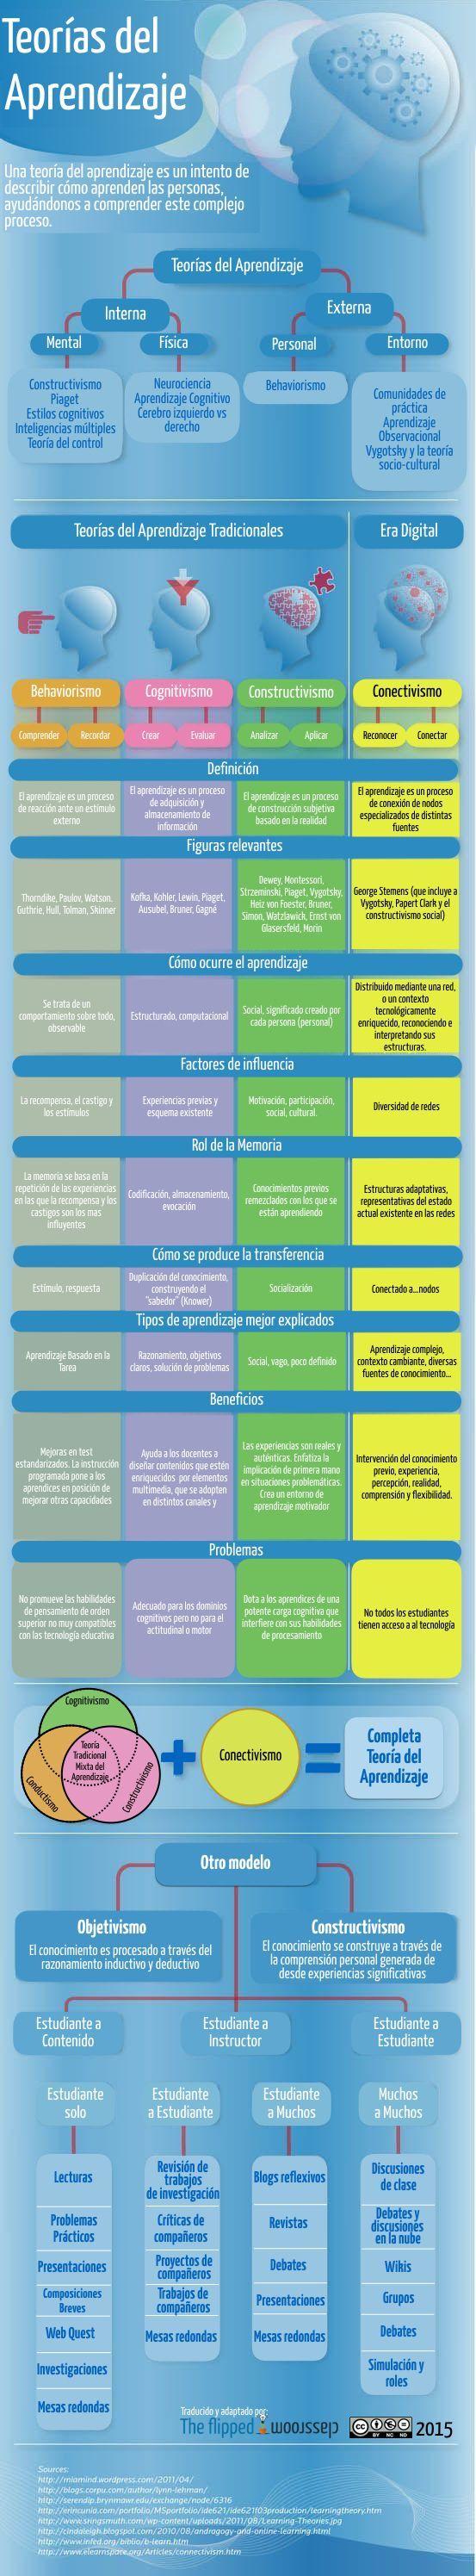 """Hola: Compartimos una interesante infografía sobre """"Teorías sobre como Aprenden las Personas"""" Un gran saludo. Visto en: theflippedclassroom.es También le puede interesar: Teorías del ..."""